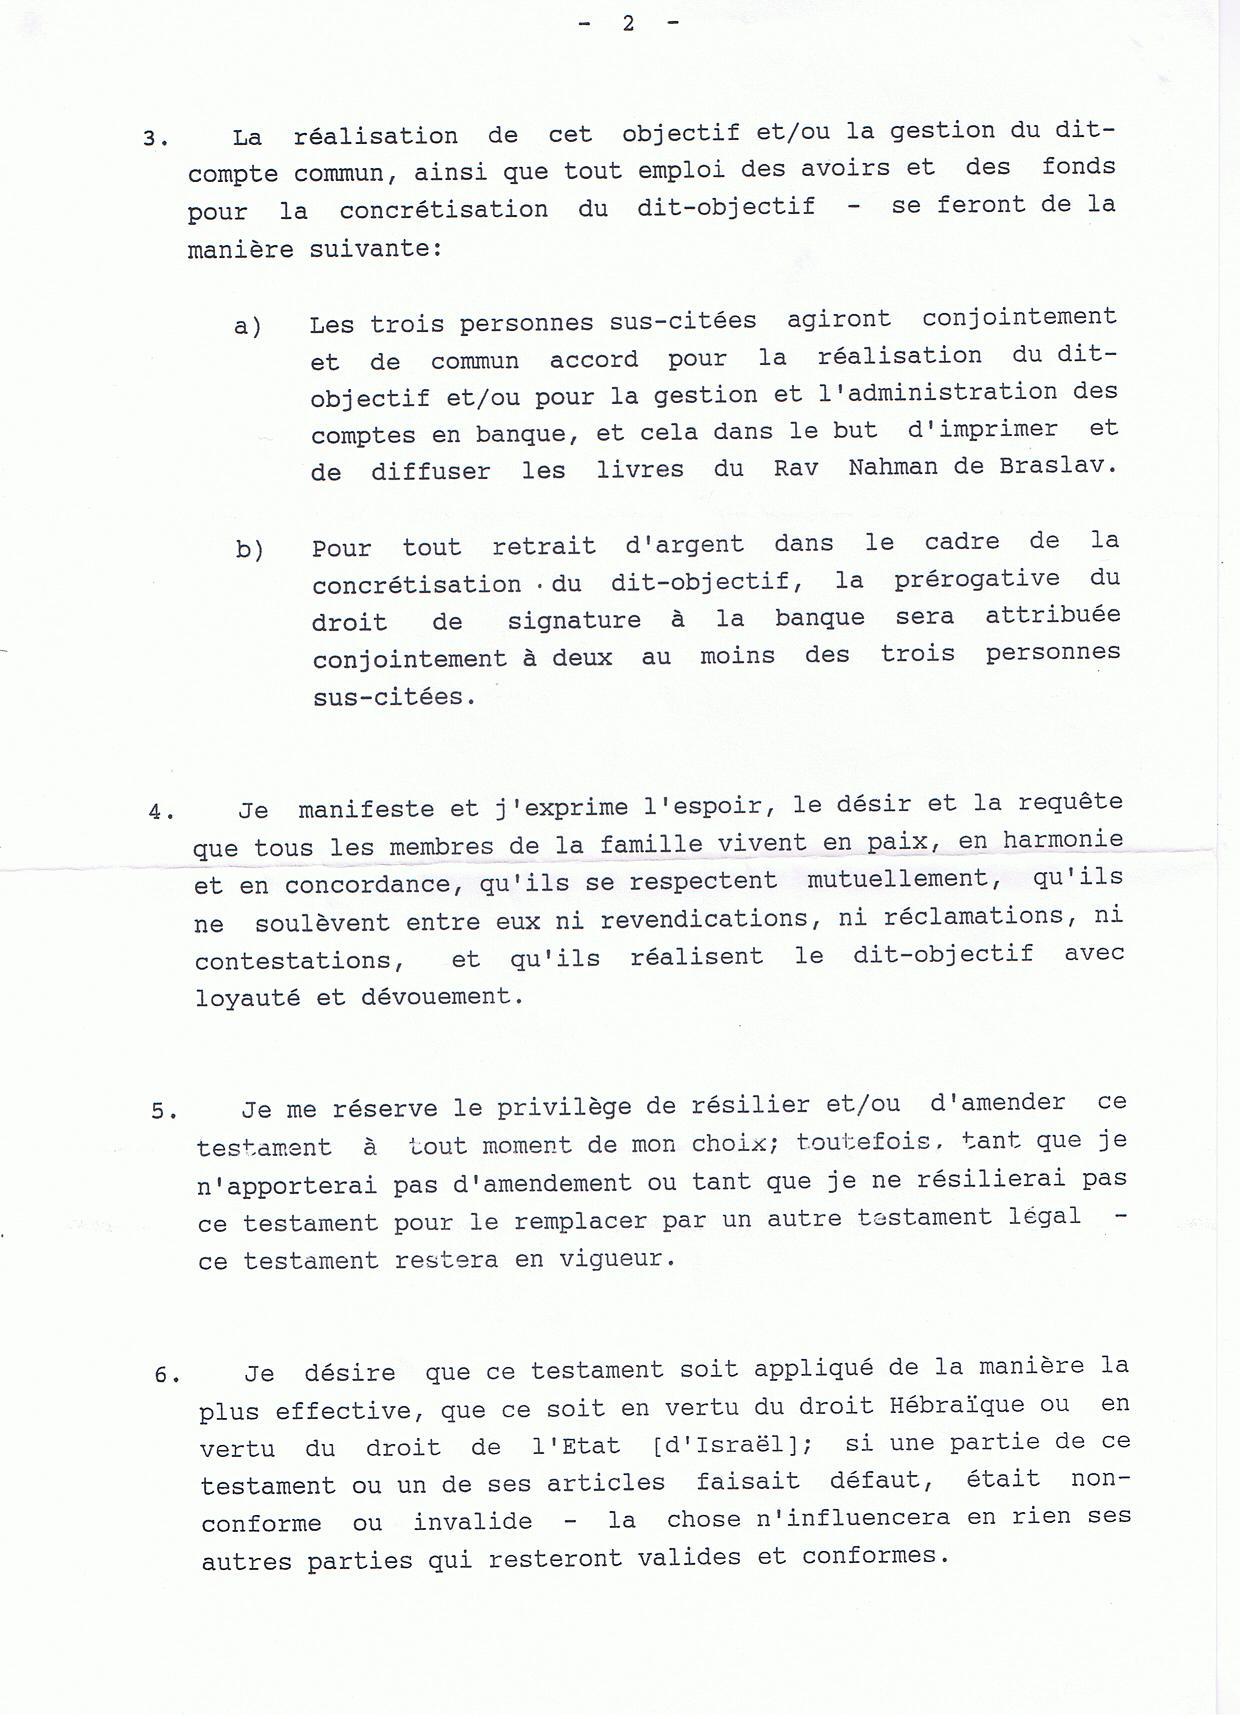 Testament de Rabbi Israël Ber Odesser, Traduit en Français 2/4